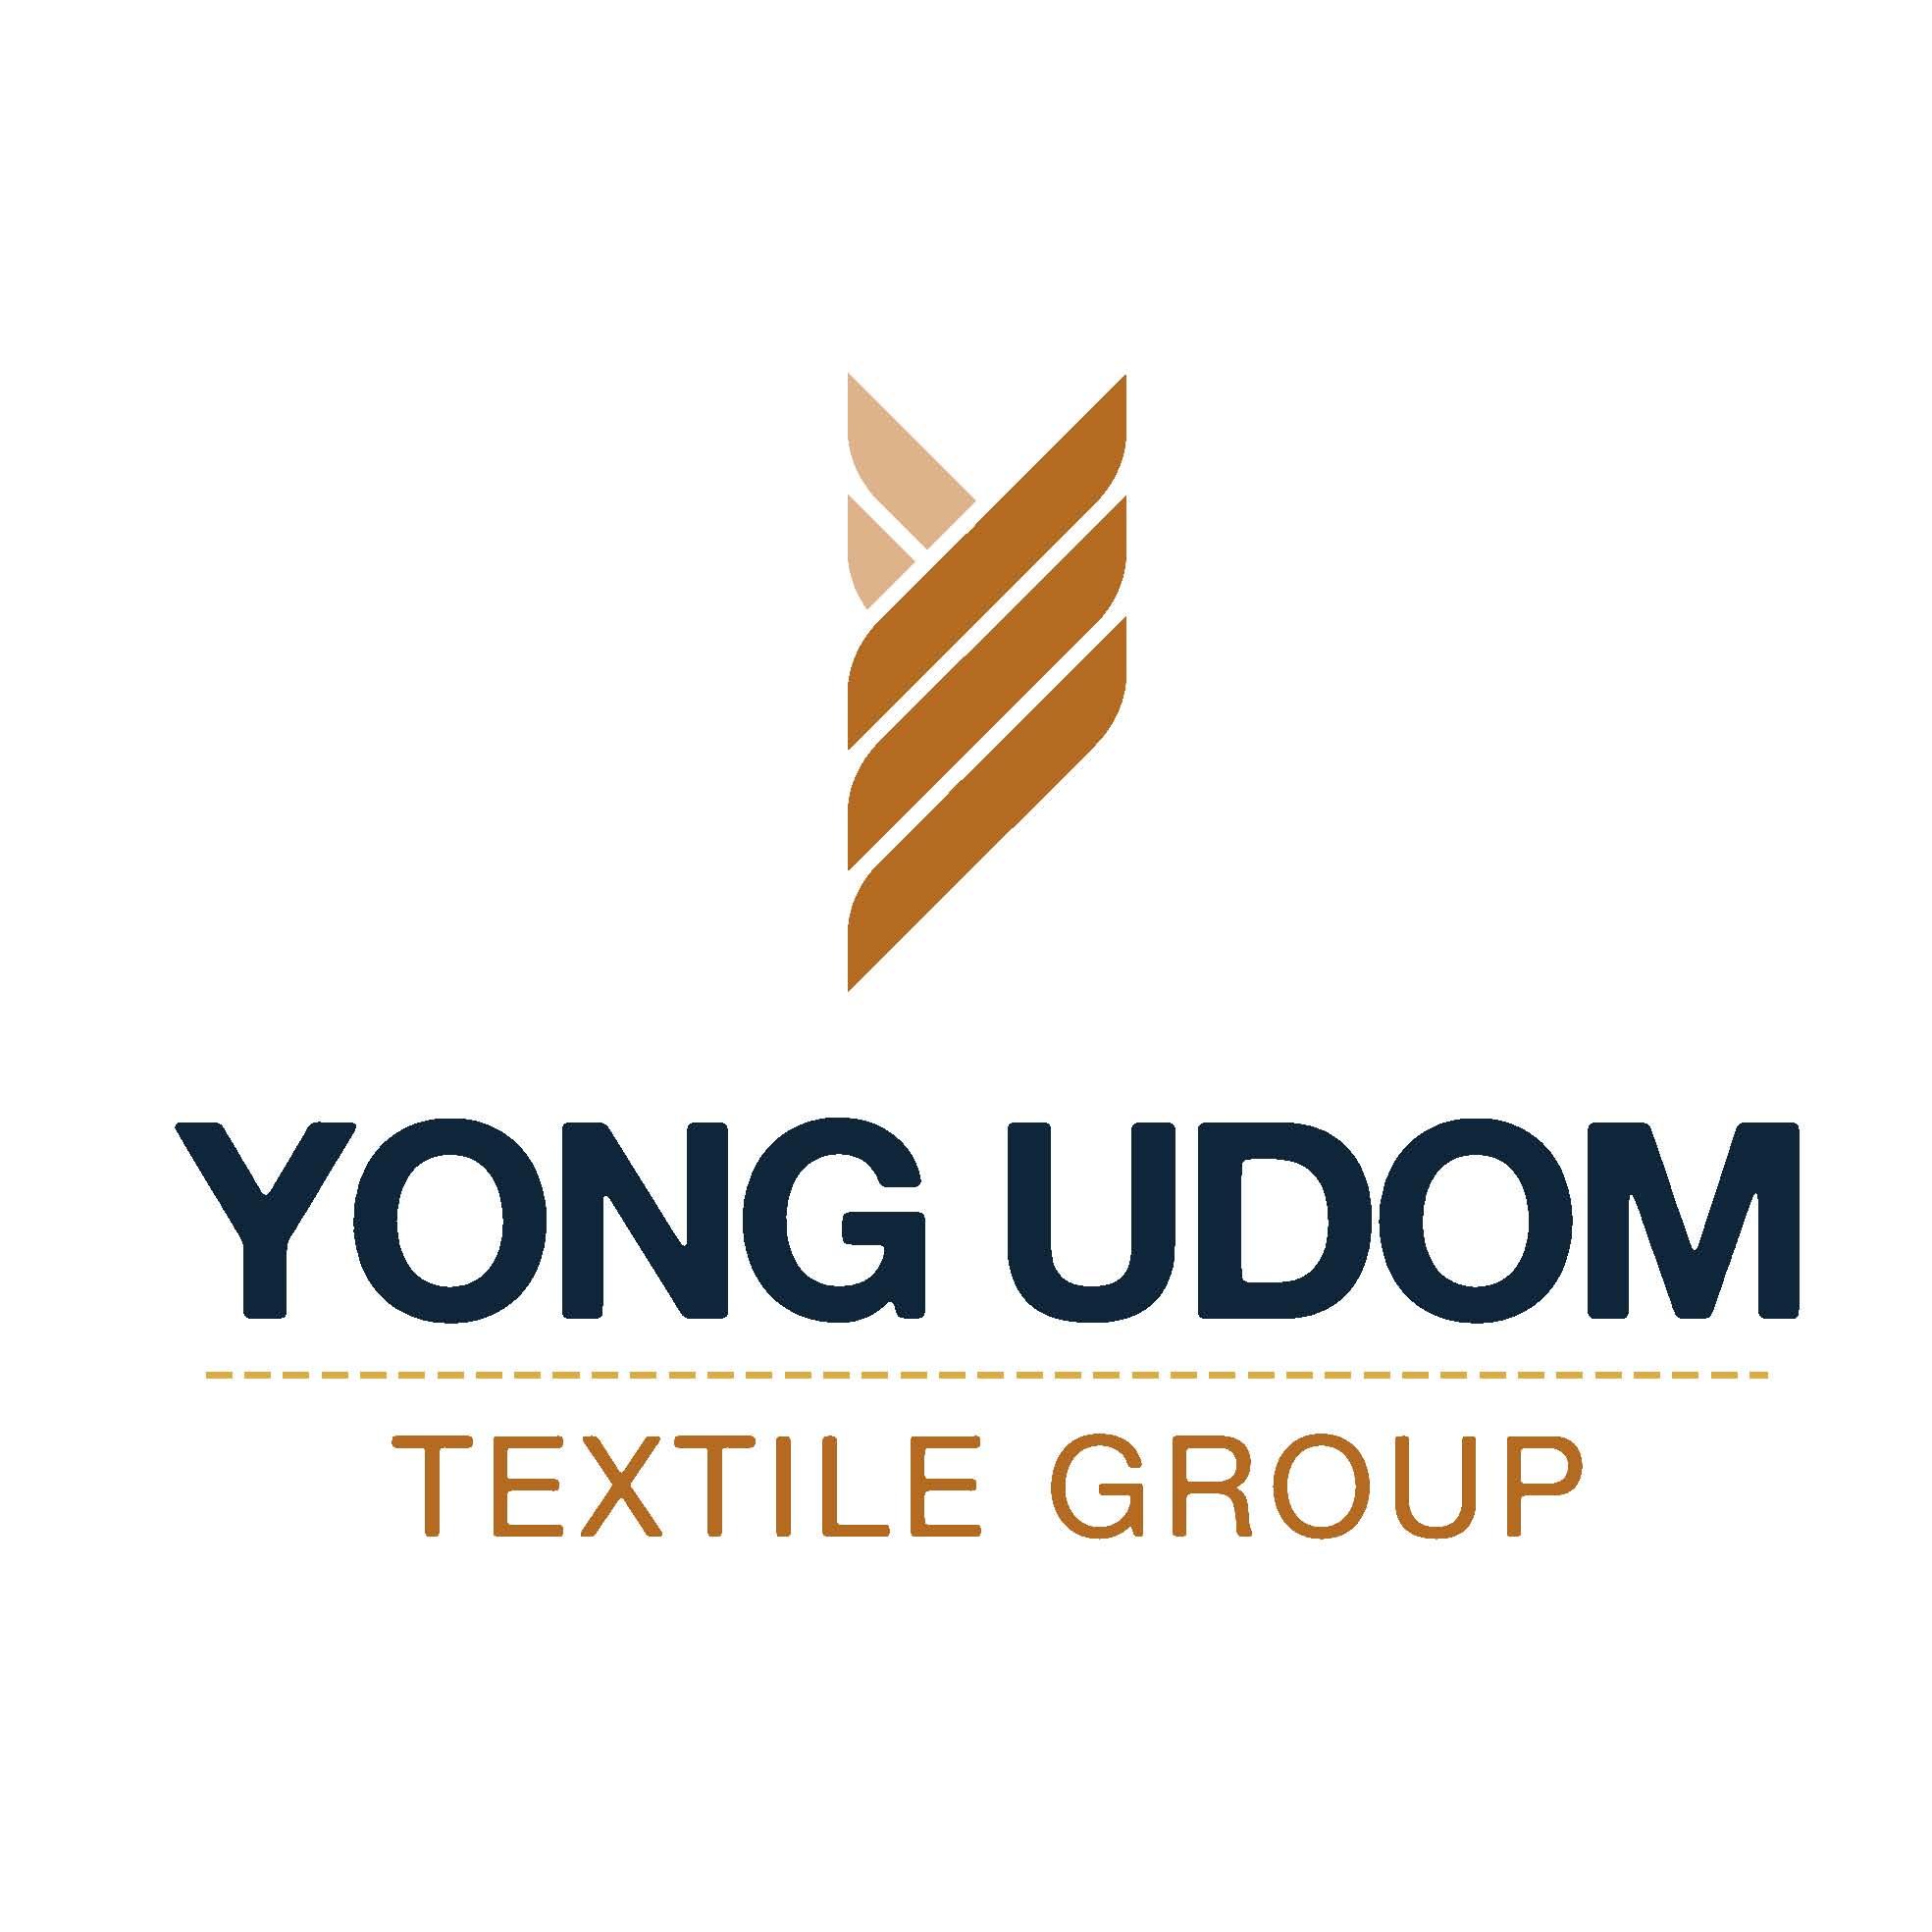 yong gr logo.jpg